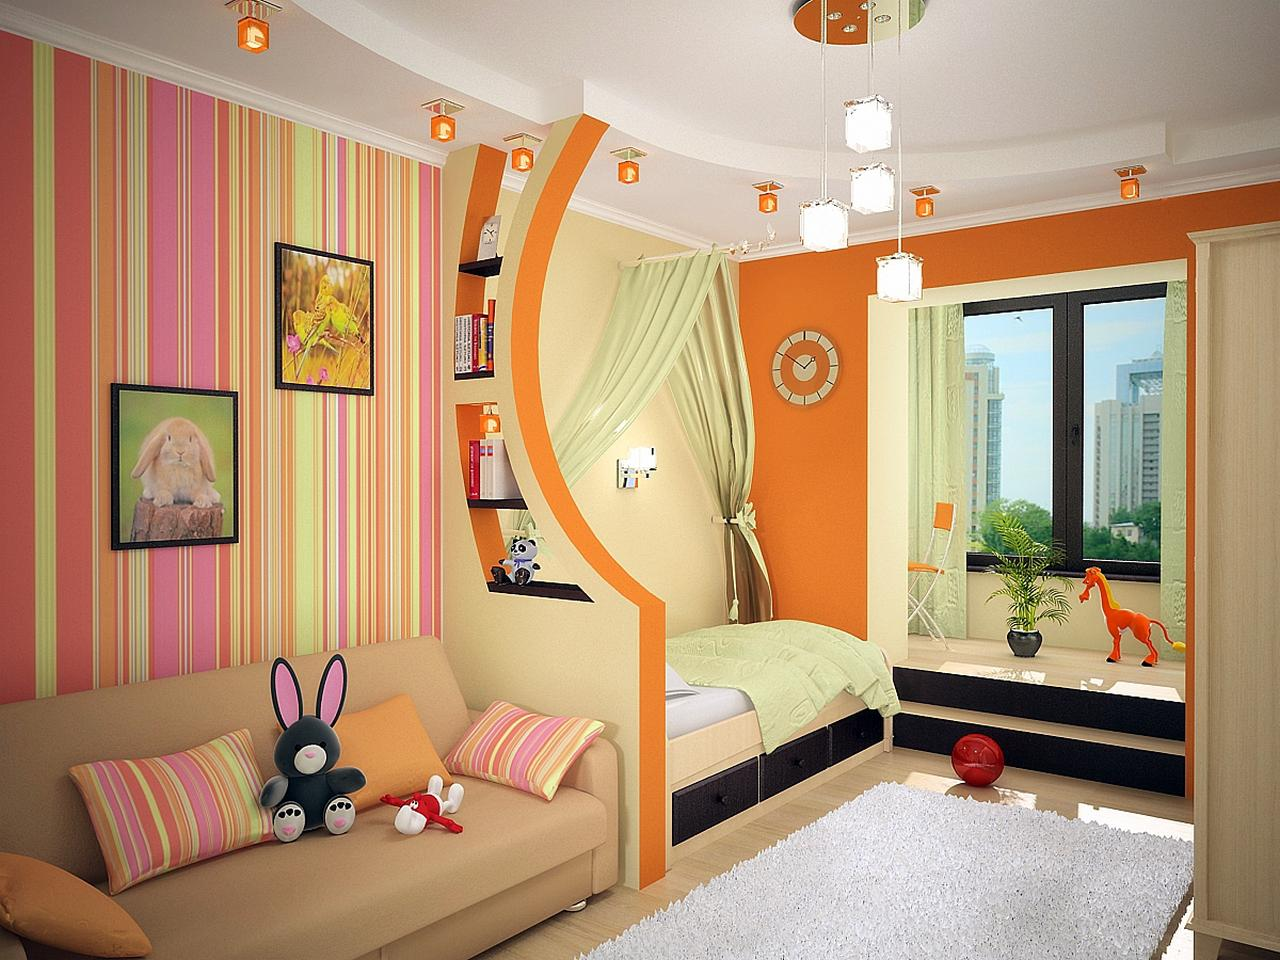 Детская комната для двоих детей: варианты планировки и фото 56